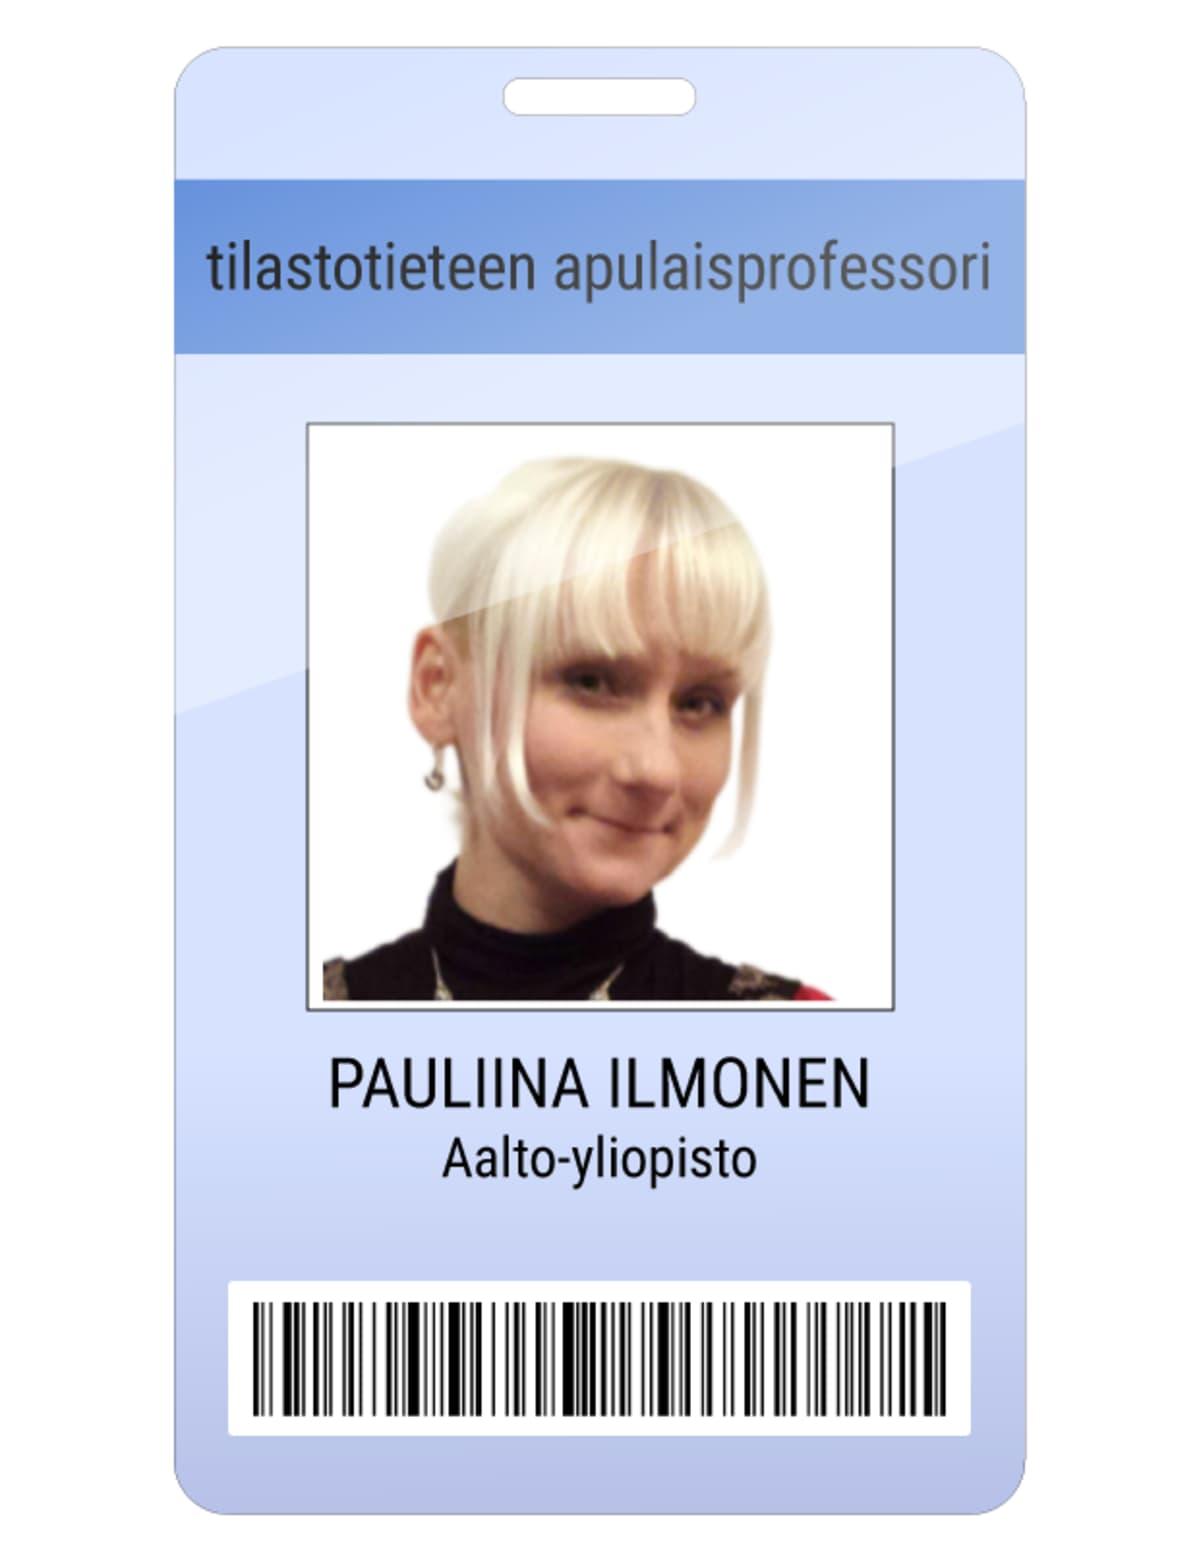 Pauliina Ilmonen kuvitteellinen kulkukortti.